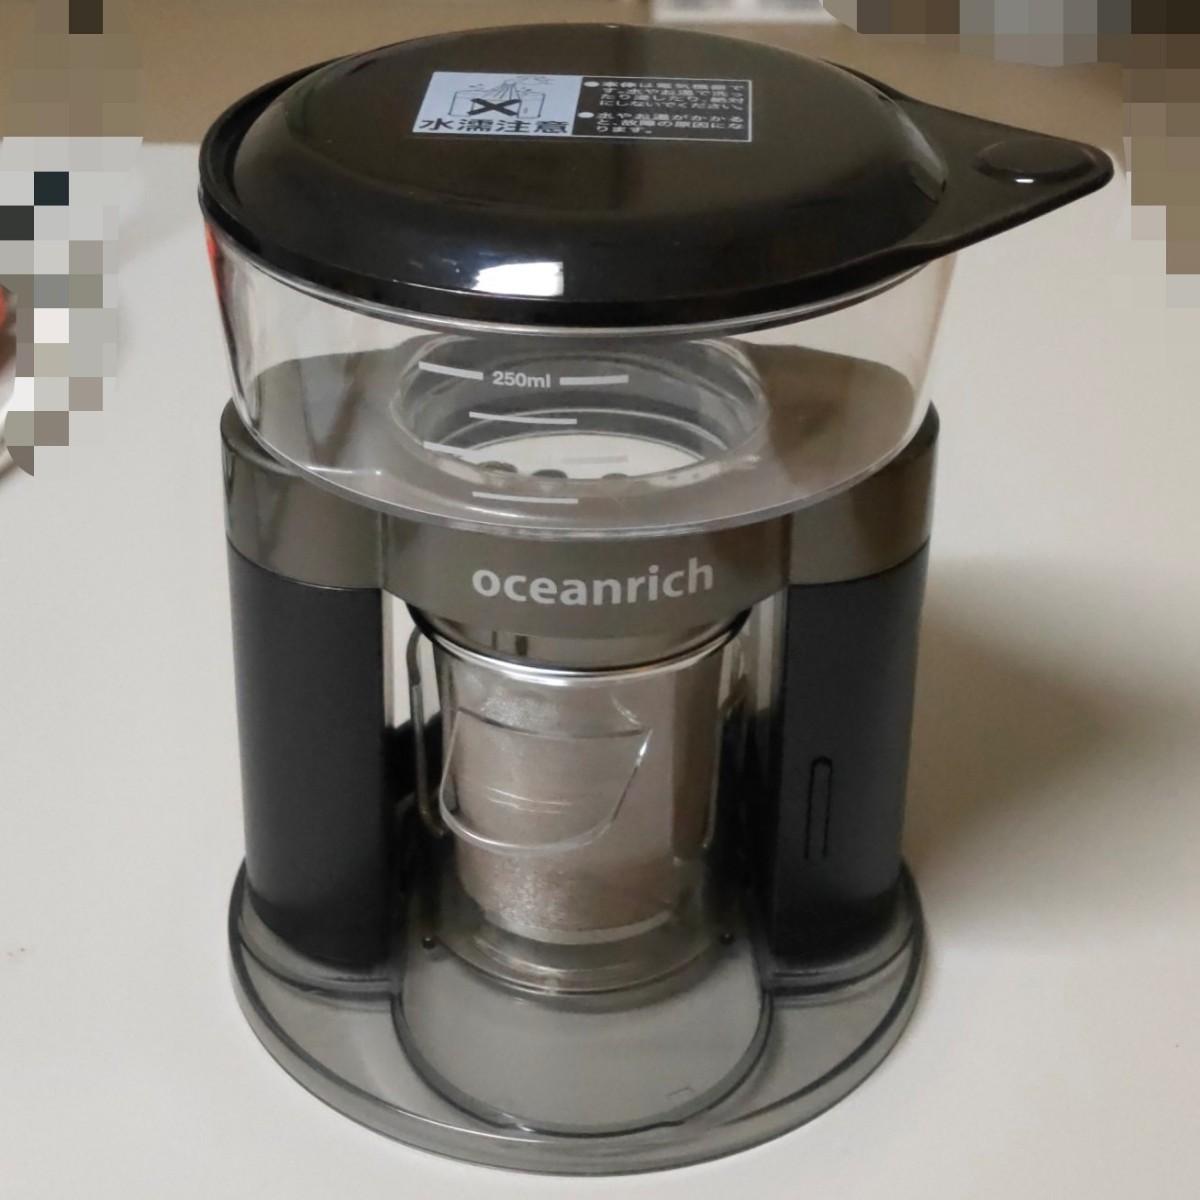 オーシャンリッチプラス 自動ドリップ コーヒーメーカー 250ml